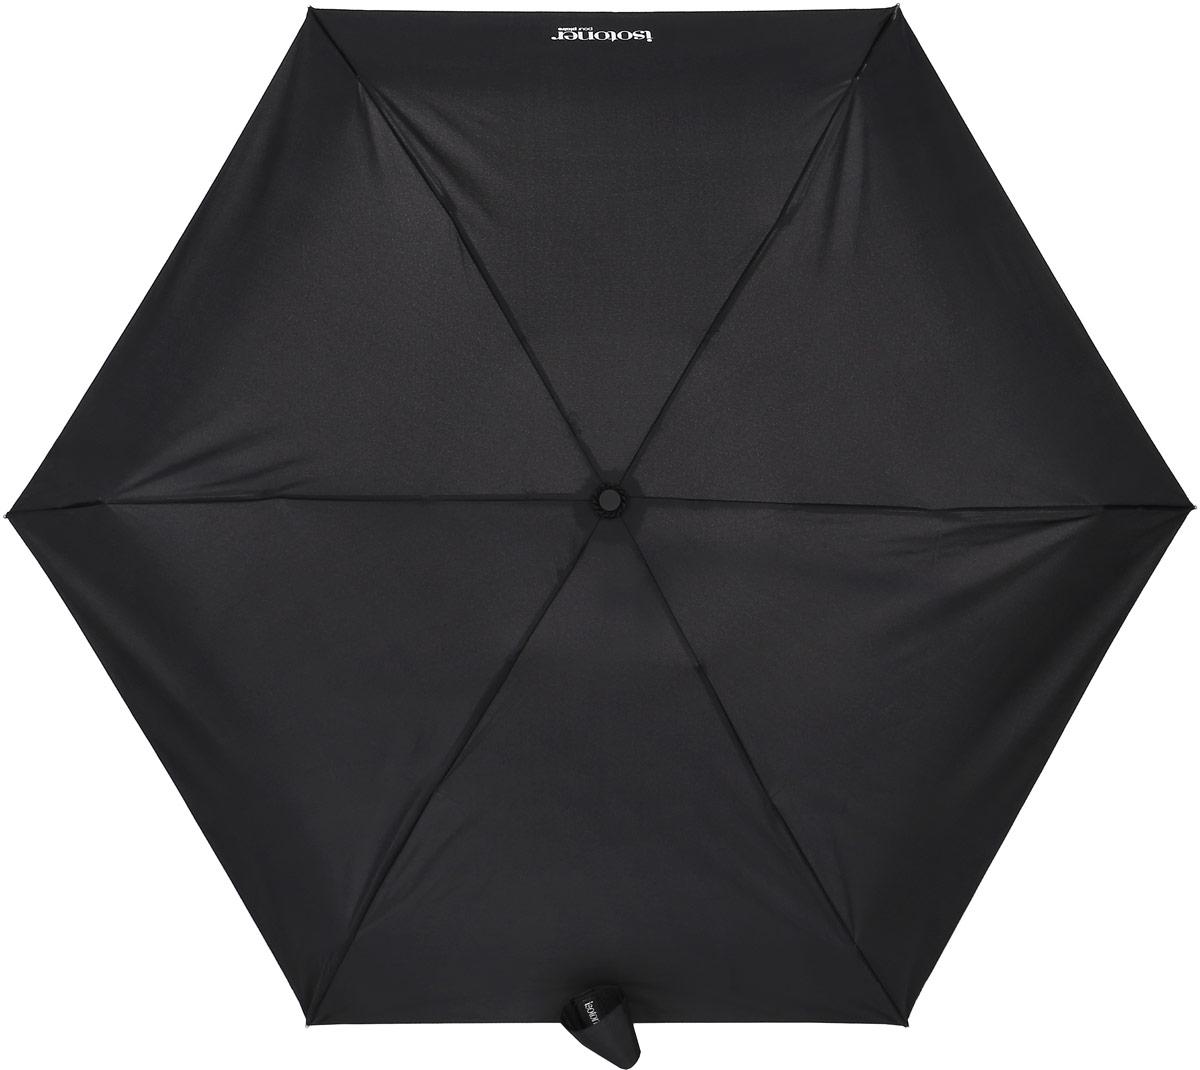 Зонт Isotoner, механический, 5 сложений, цвет: черный. 09137-1CX1516-50-10Компактный зонт Isotoner выполнен из металла, пластика.Каркас зонта выполнен из шести спиц на прочном стержне. Купол зонта изготовлен прочного полиэстера. Закрытый купол застегивается на липучку хлястиком. Практичная рукоятка закругленной формы разработана с учетом требований эргономики.Зонт складывается и раскладывается механическим способом.Такой зонт не только надежно защитит от дождя, но и станет стильным аксессуаром.